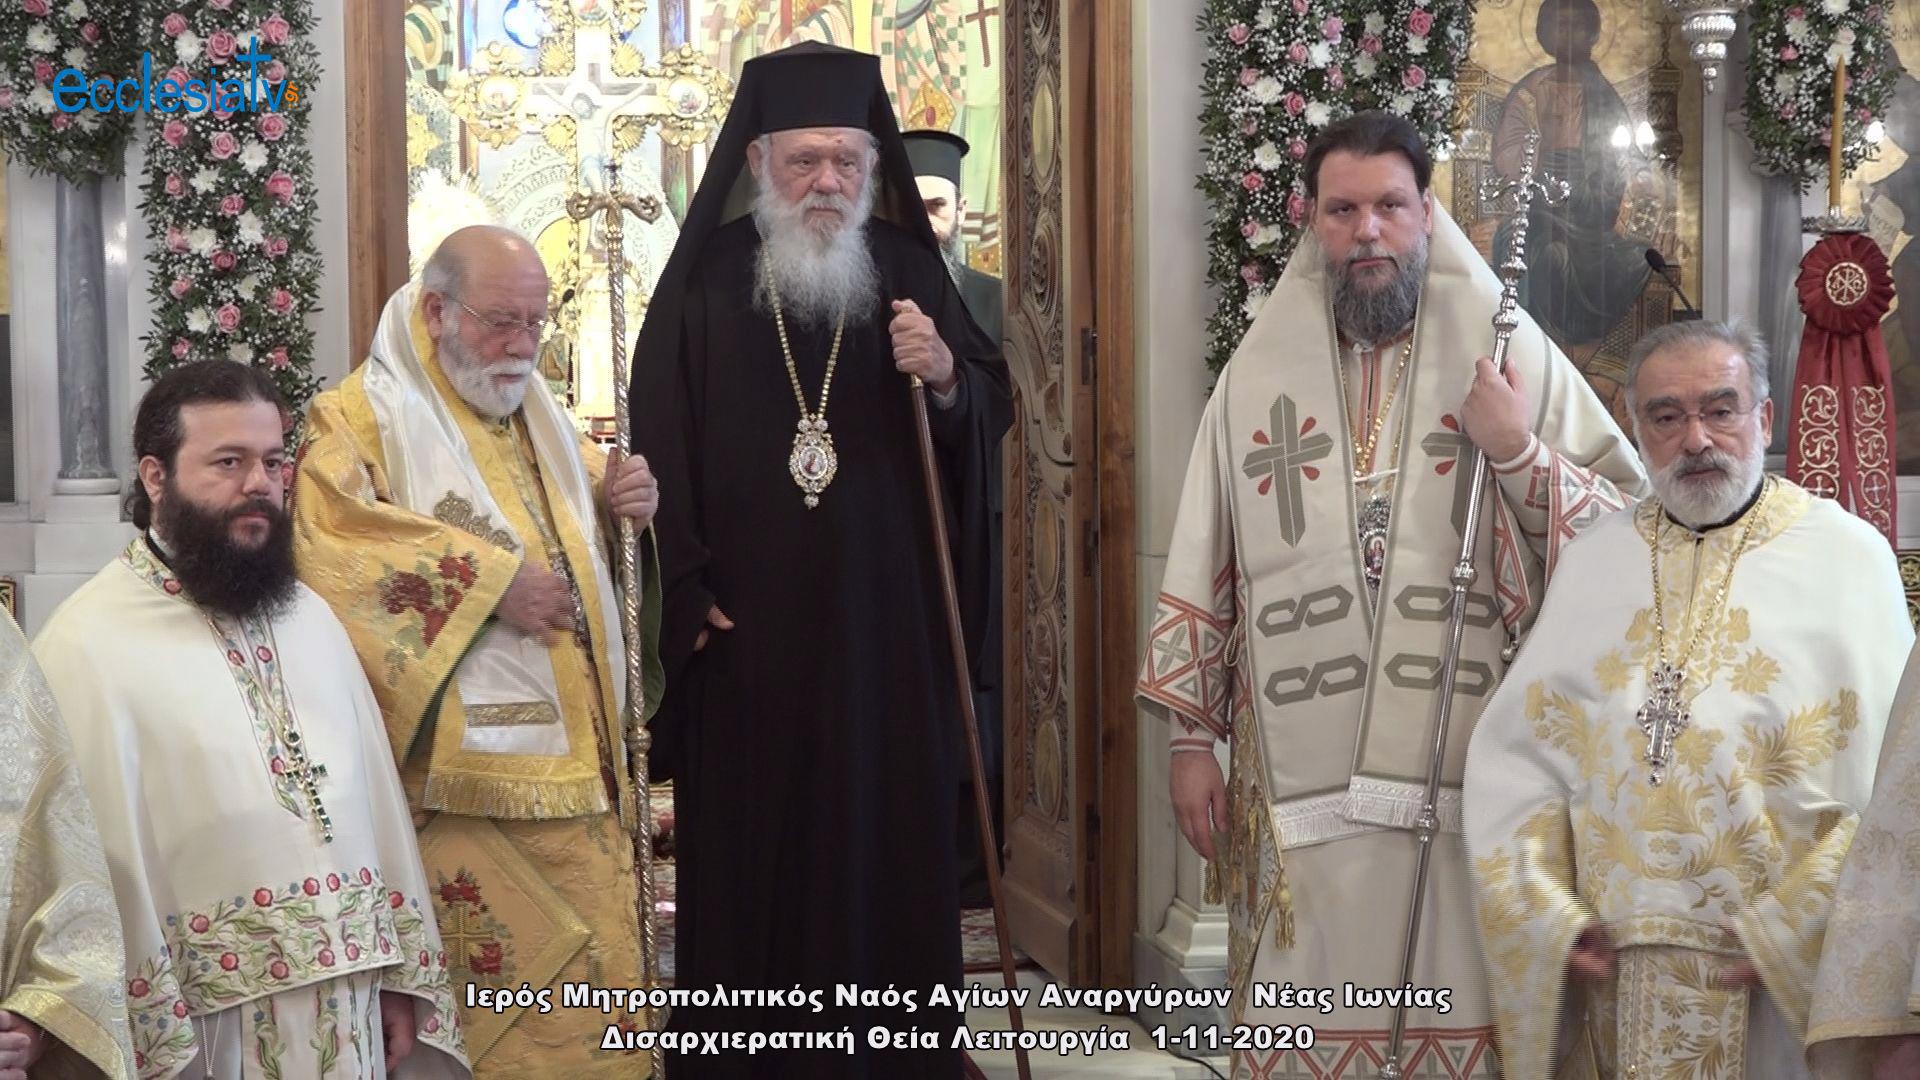 Δισαρχιερατική Θεία Λειτουργία Ιερός Μητροπολιτικός Ναός Αγίων Αναργύρων  Νέας Ιωνίας  1-11-2020